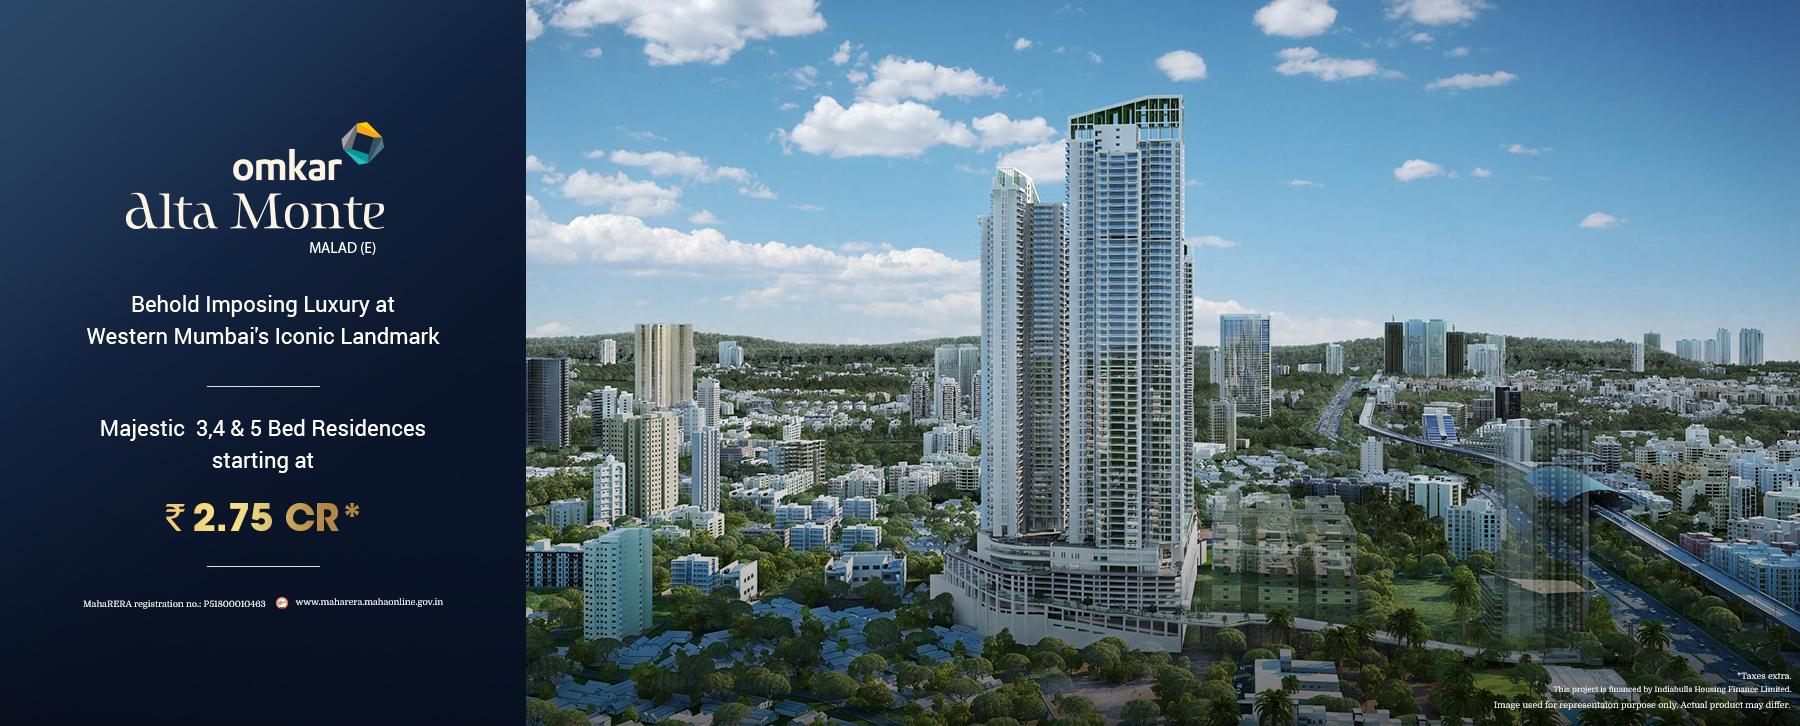 Real Estate Builders & Developers in Mumbai - Omkar™ Realtors